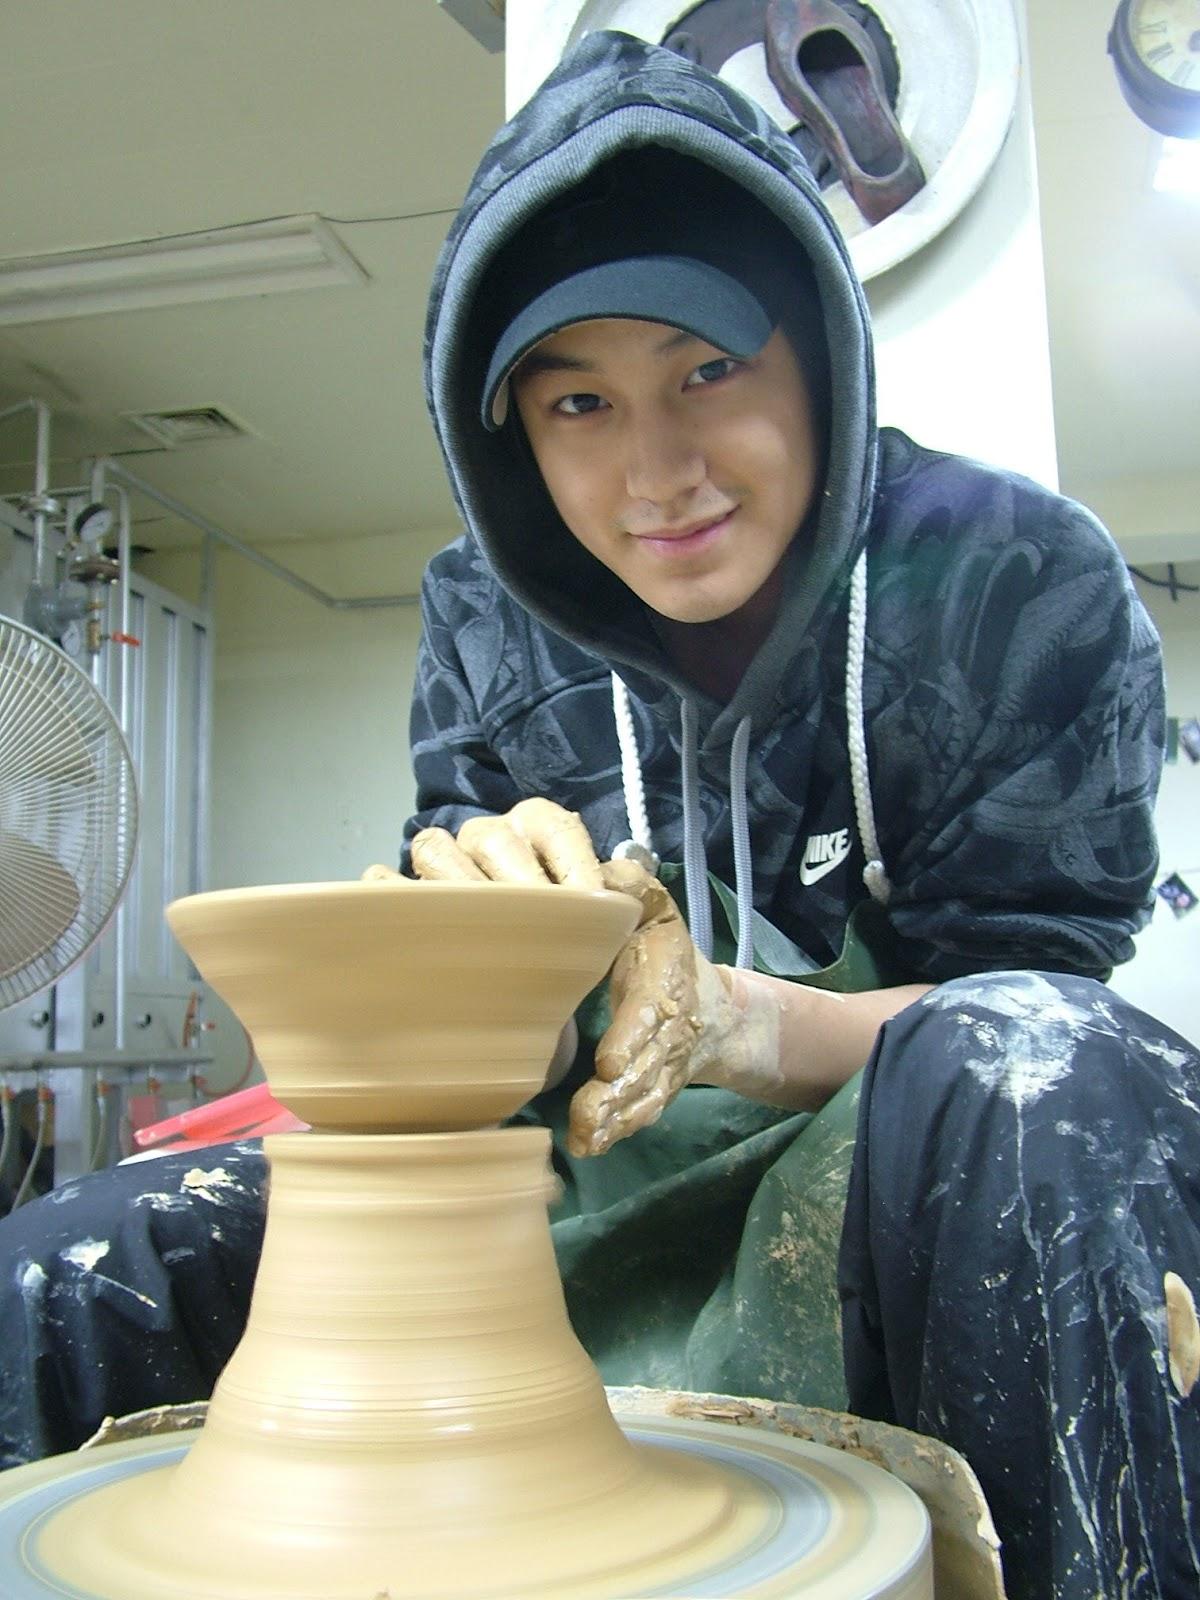 http://3.bp.blogspot.com/-kILjWFDZo8k/T9BzvZzZSMI/AAAAAAAAJMk/VAjj4FkBrR0/s1600/Kim+Bum+20.jpg